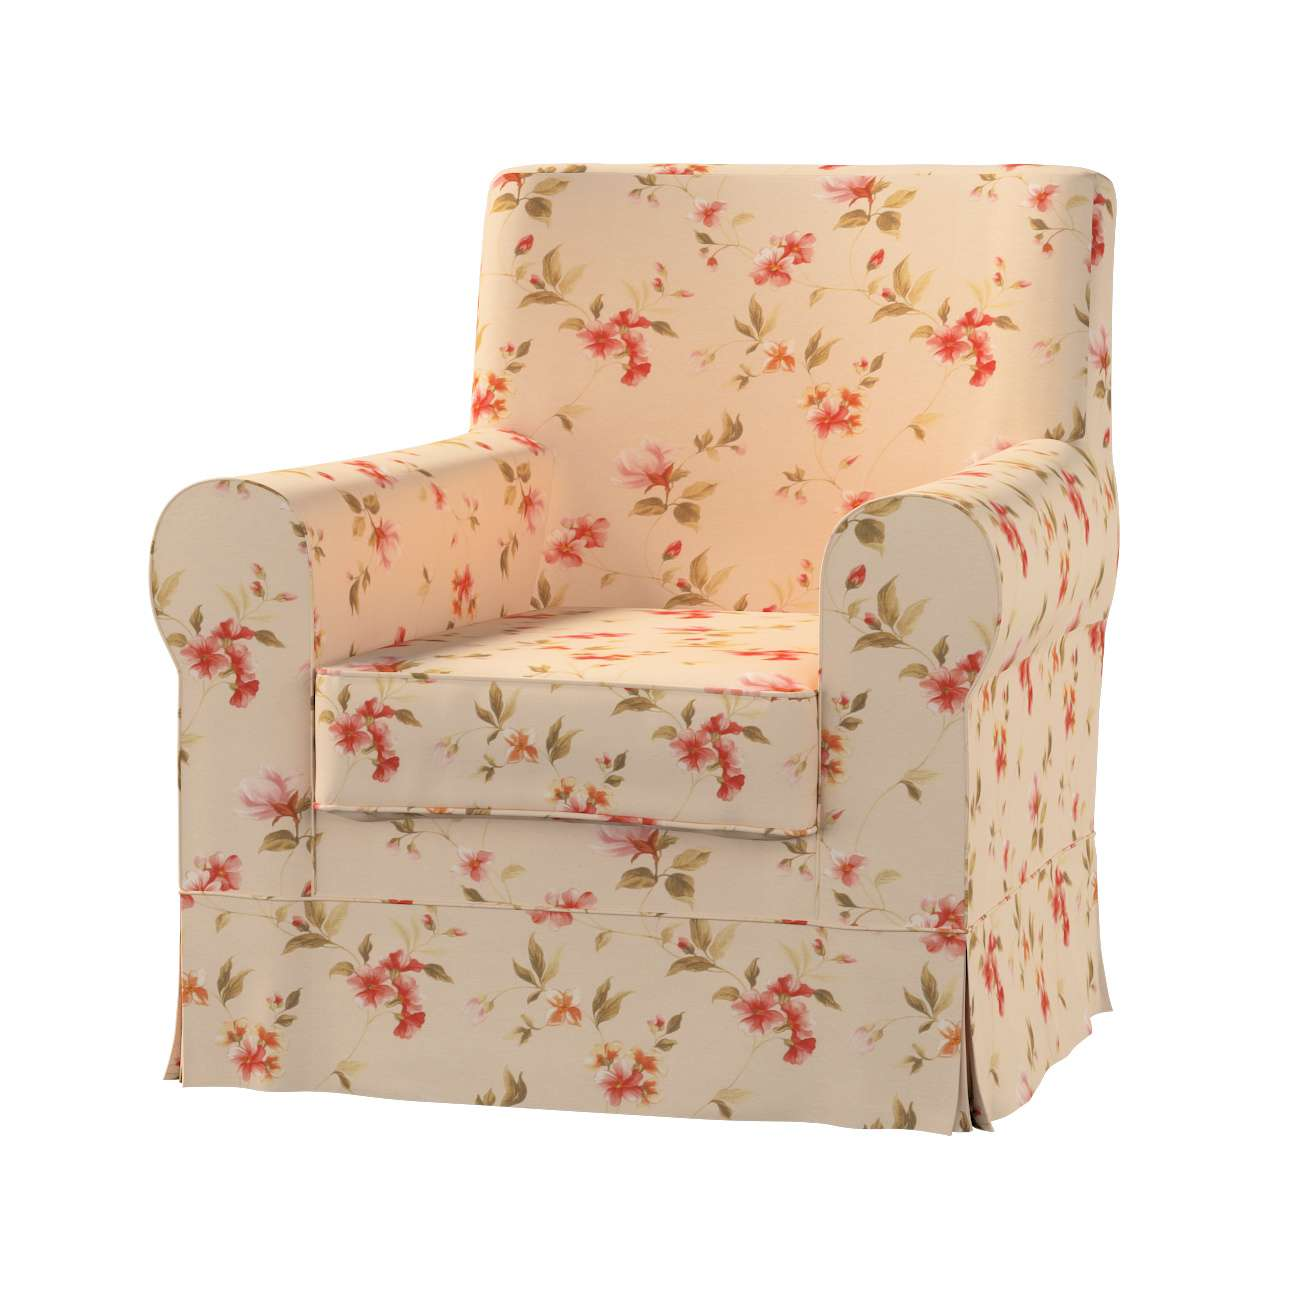 EKTORP JENNYLUND fotelio užvalkalas Ektorp Jennylund fotelio užvalkalas kolekcijoje Londres, audinys: 124-05